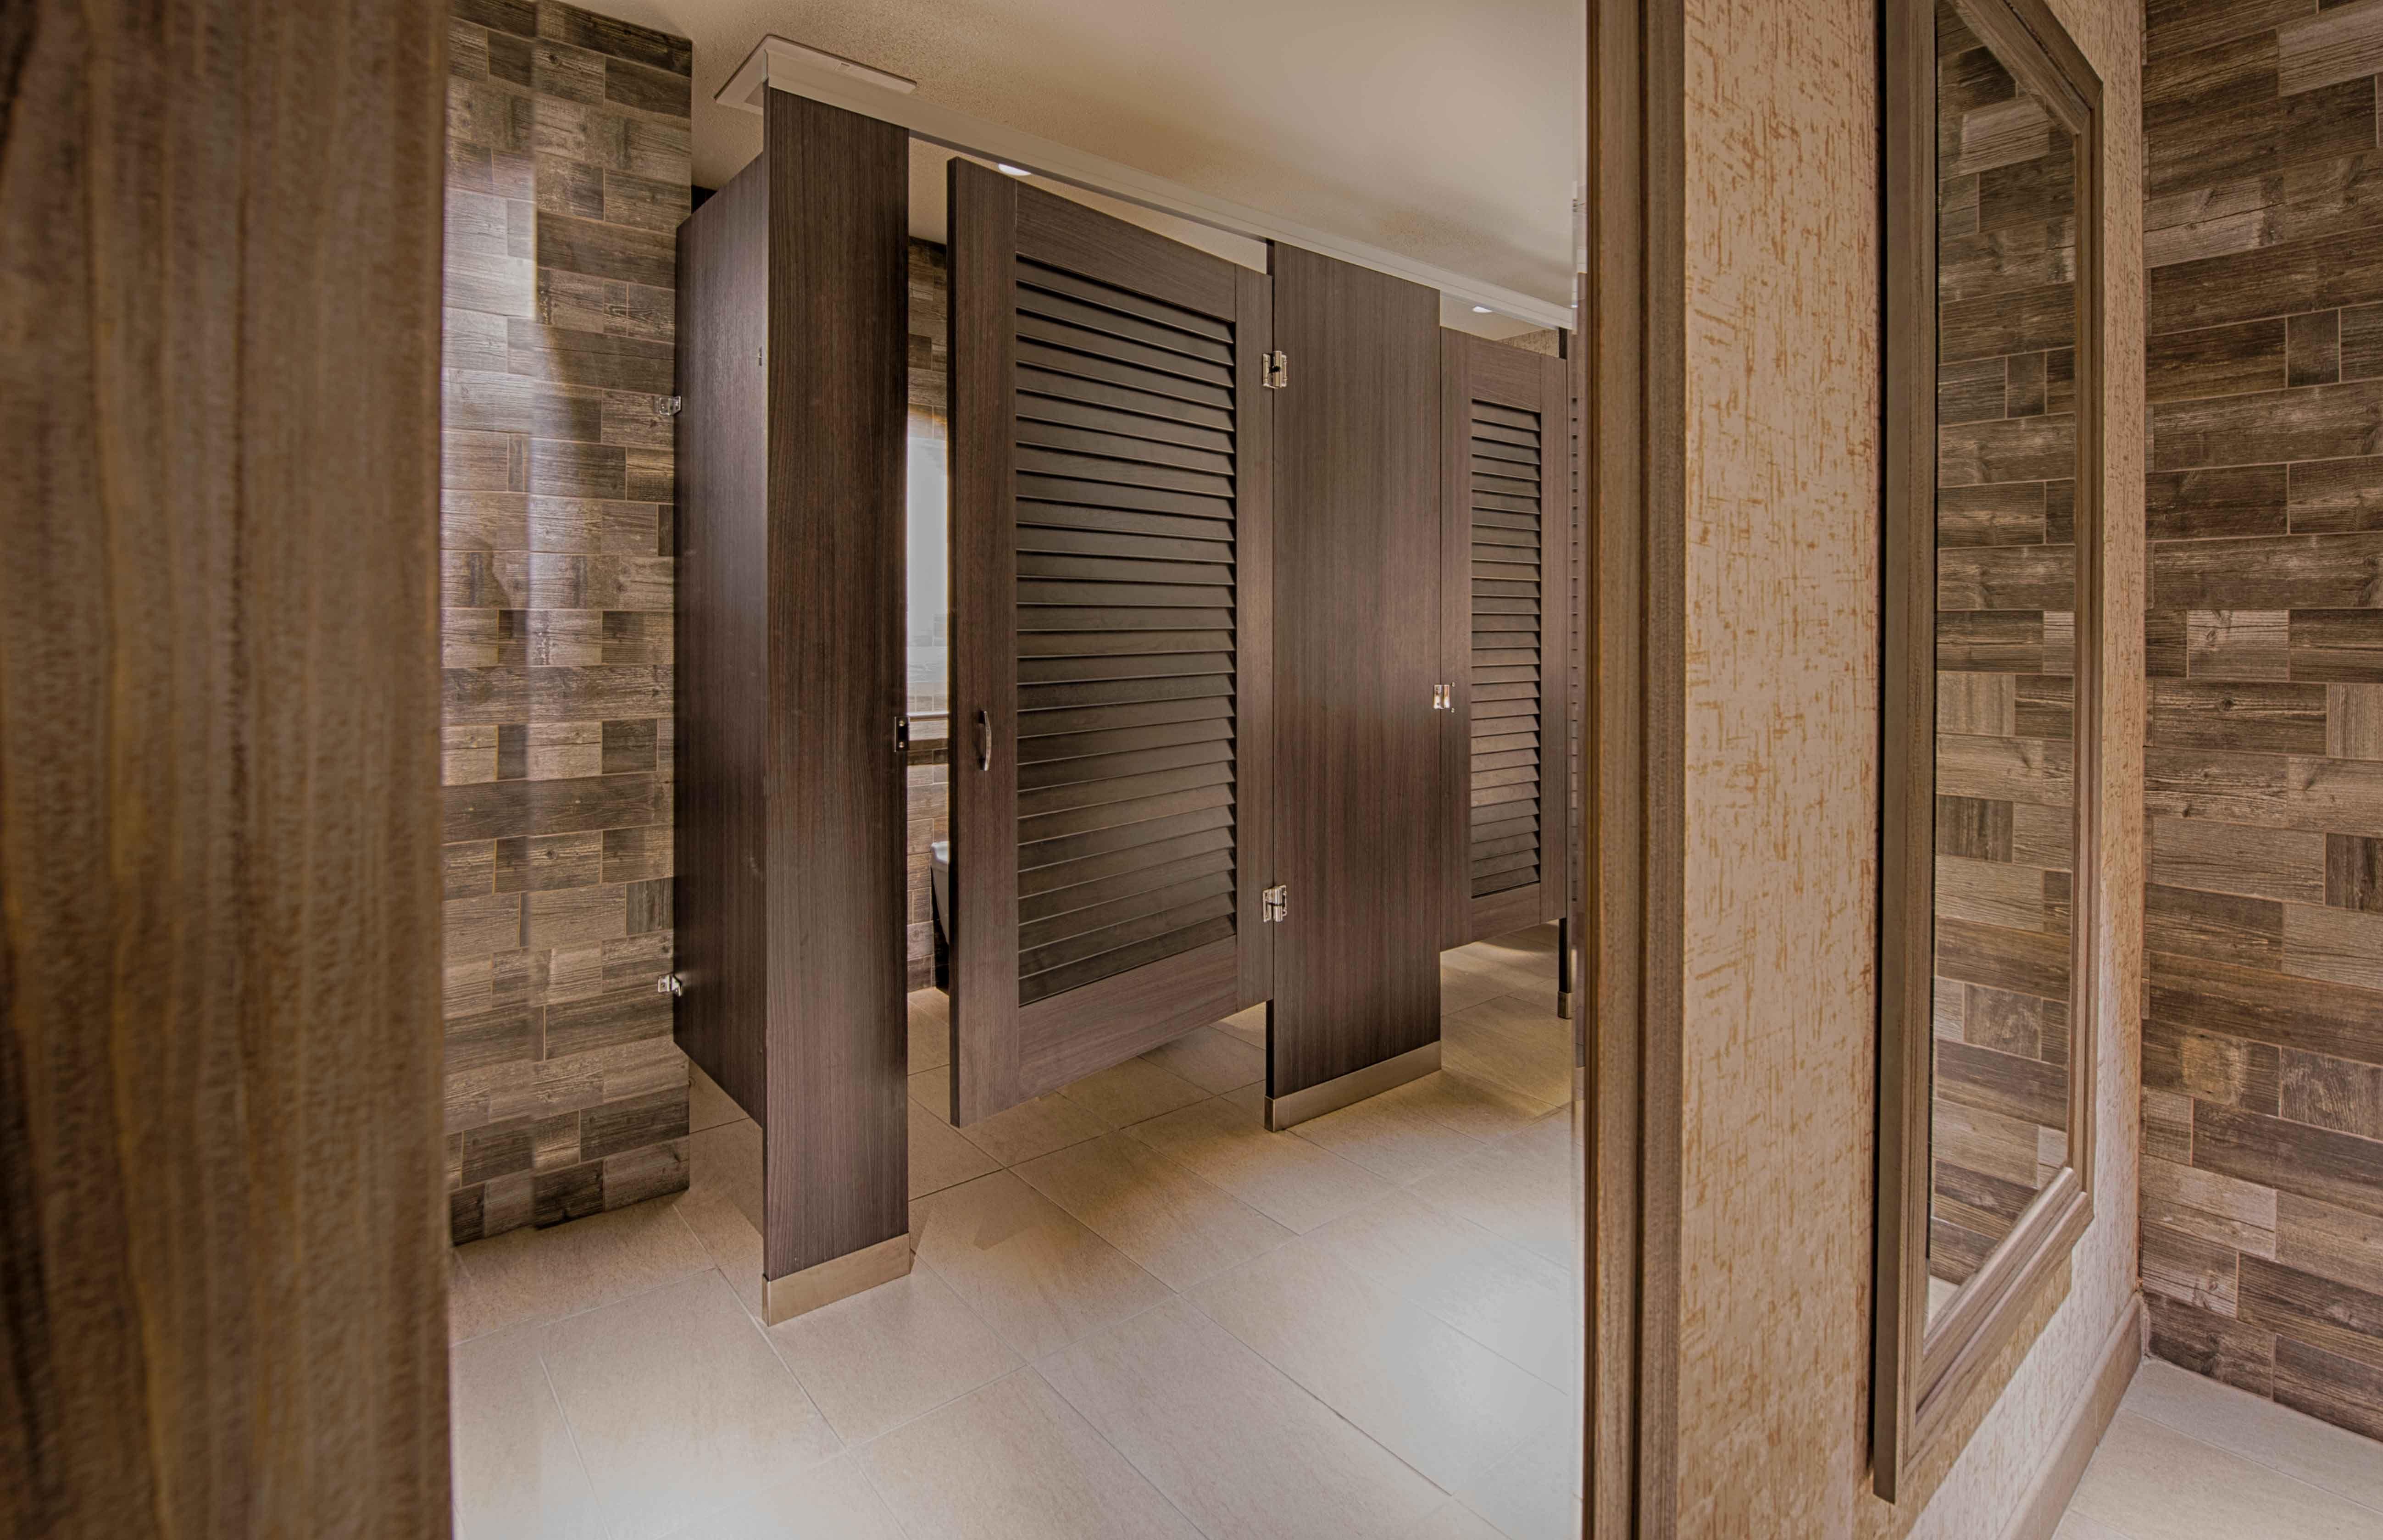 comtemporary homeca with frosted home on glass doors door bathroom